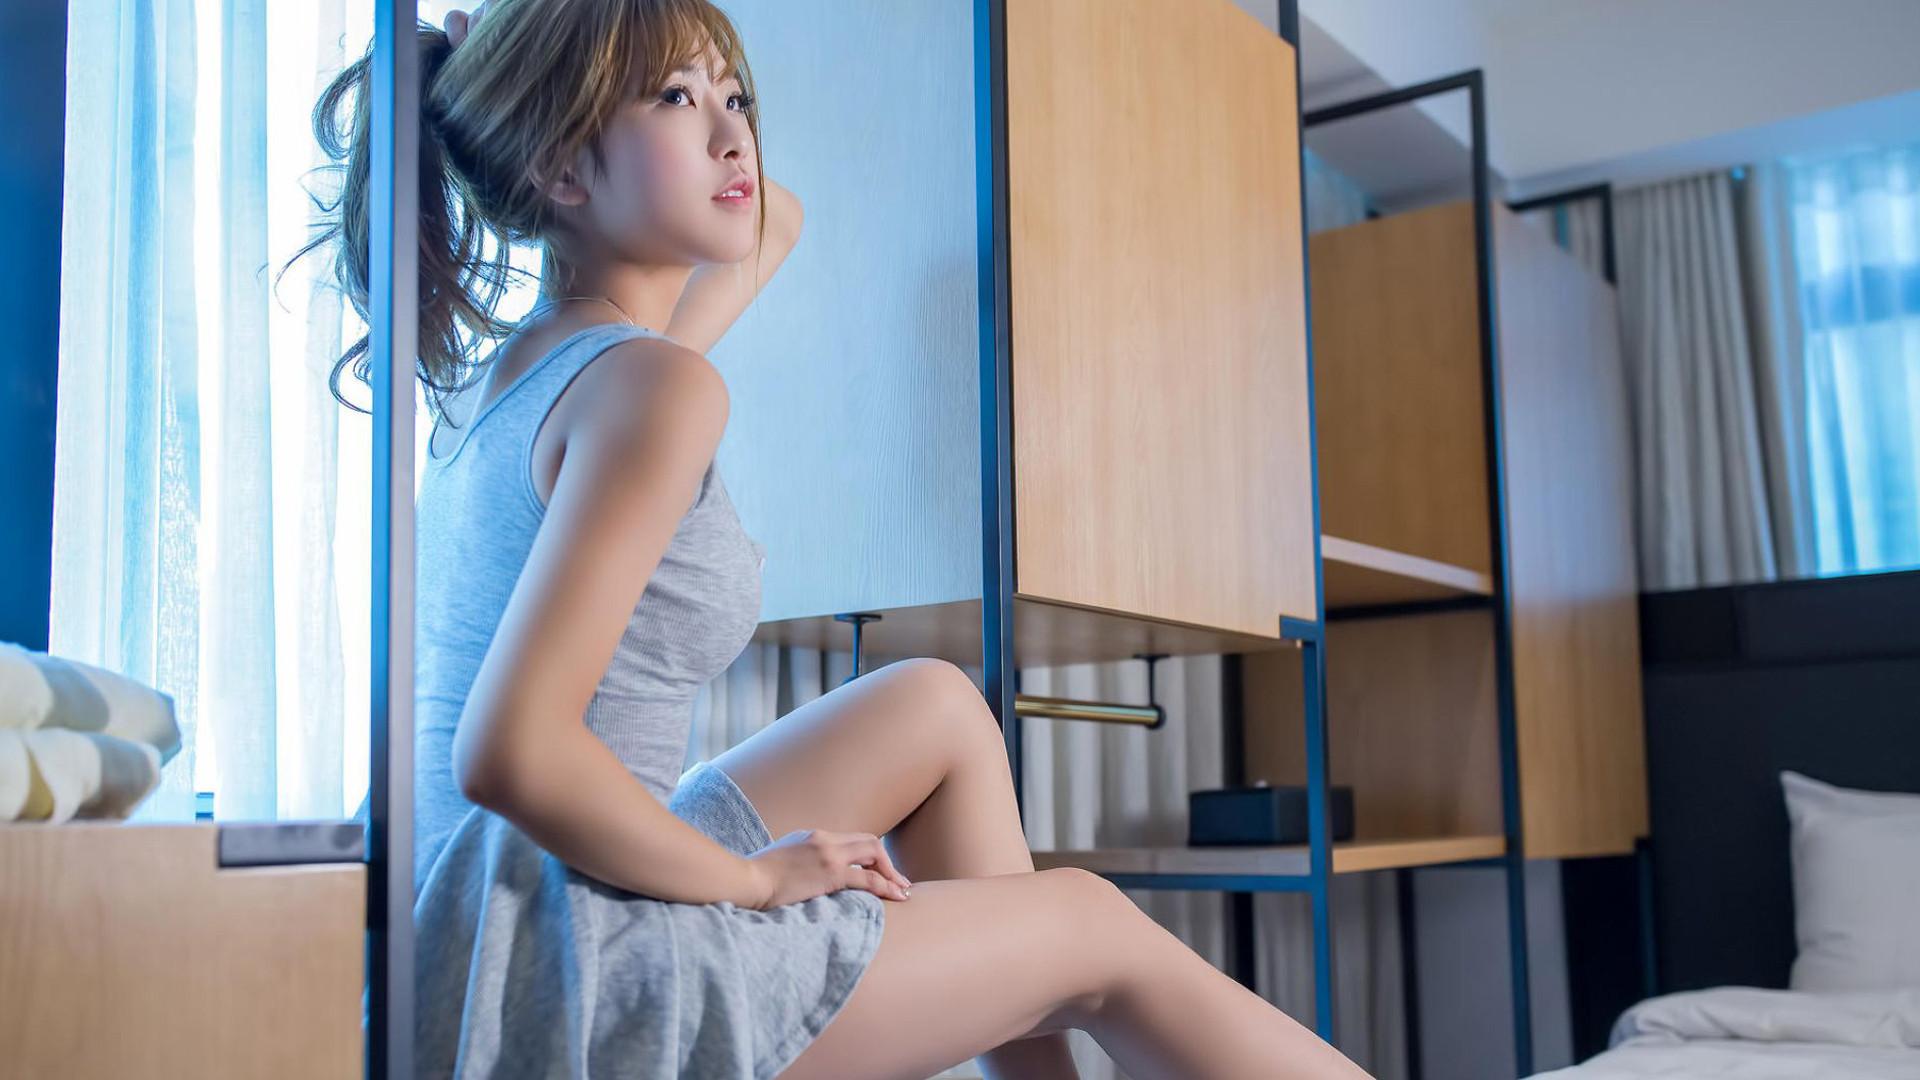 居家美女前凸后翘诱惑写真高清桌面壁纸 桌面壁纸 高清壁纸 写真 诱惑 前凸后翘 居家美女 美女图片  图3